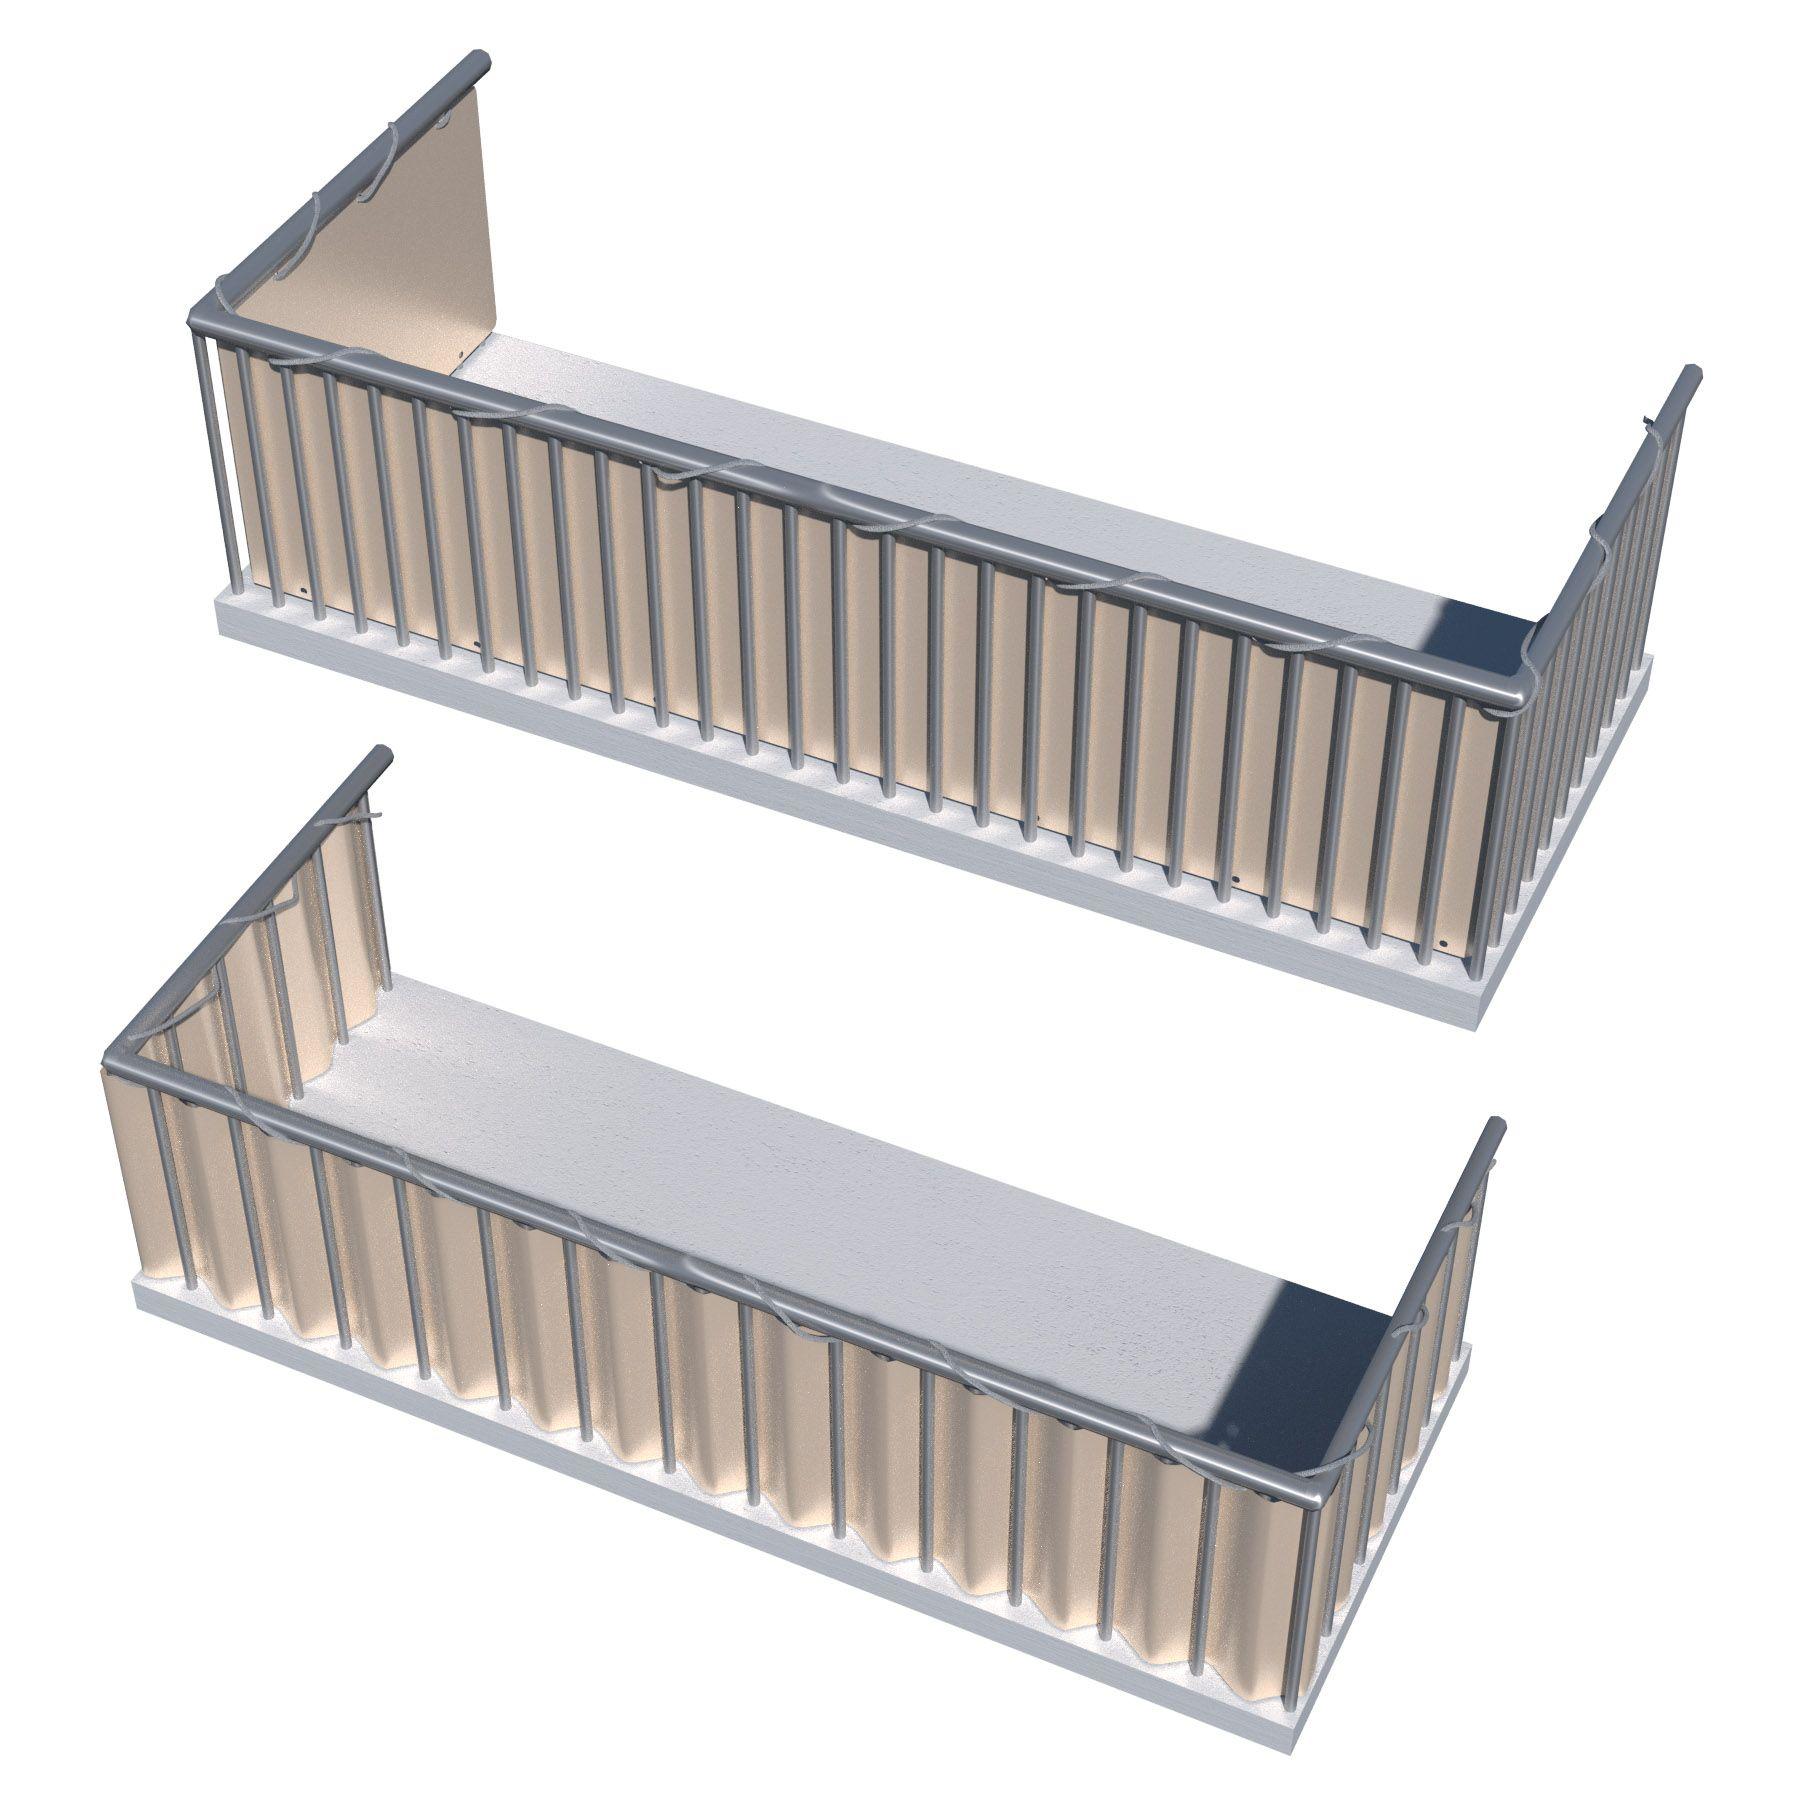 Brise vue pour balcon protection visuelle contre le vent jardin 0,9x6m crème